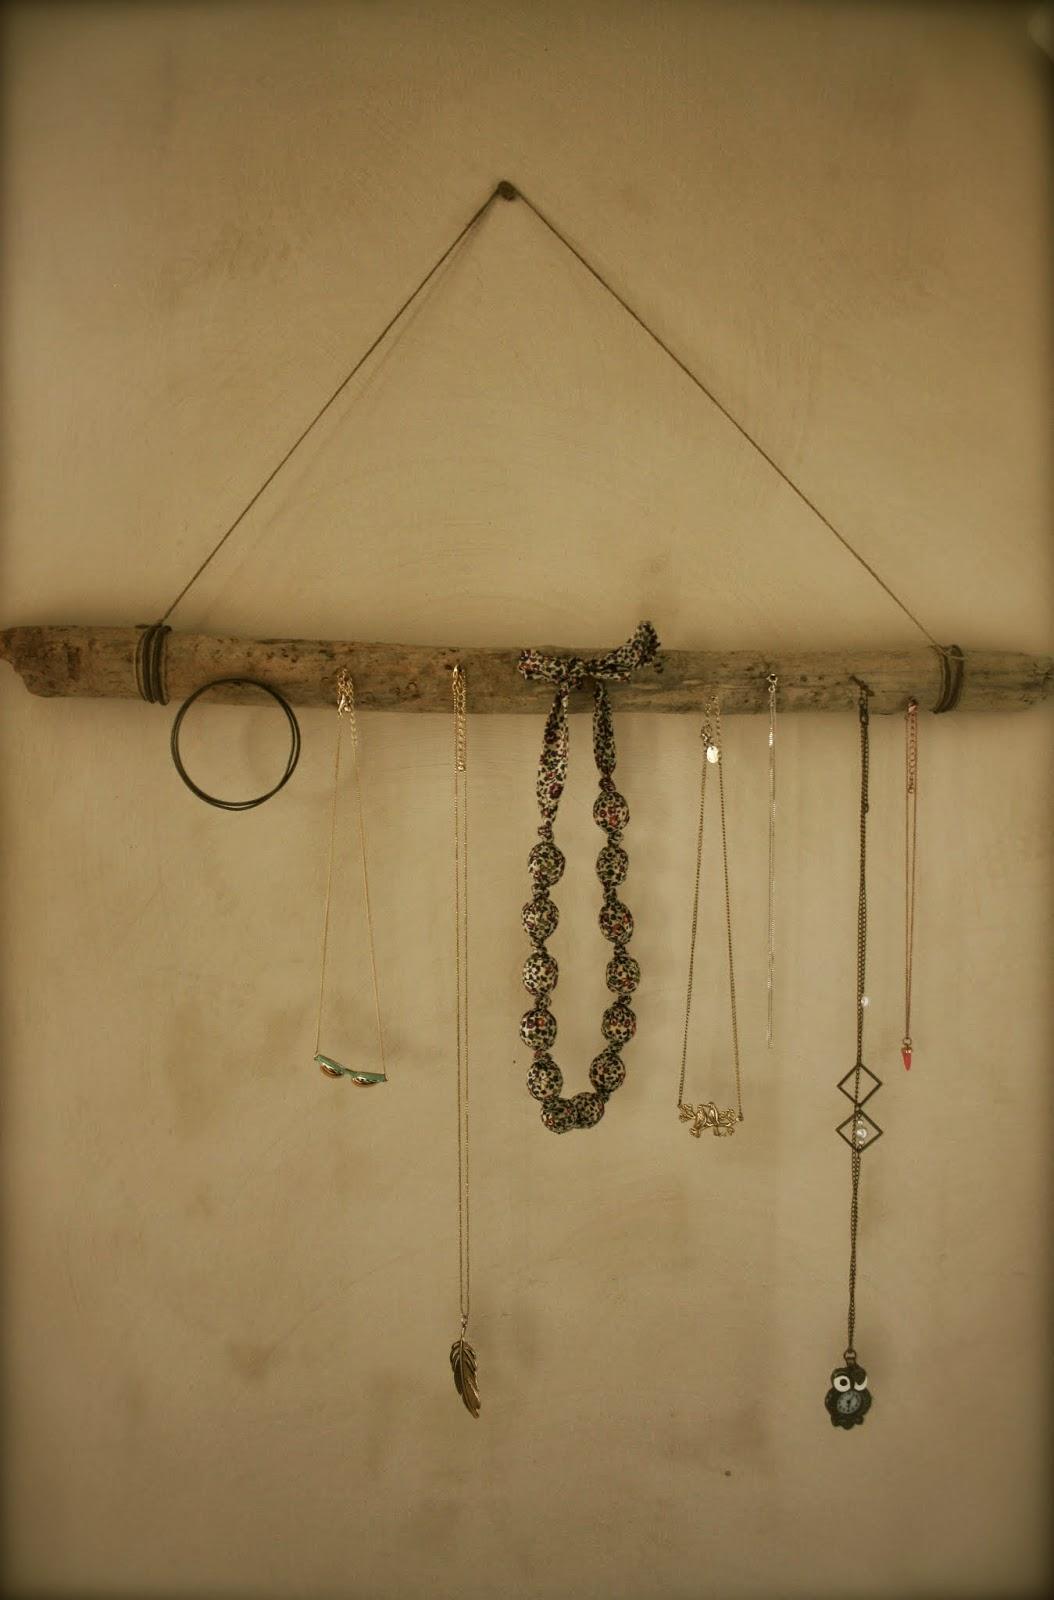 Berühmt Noix de cocoon: Porte-bijoux fait maison CB46